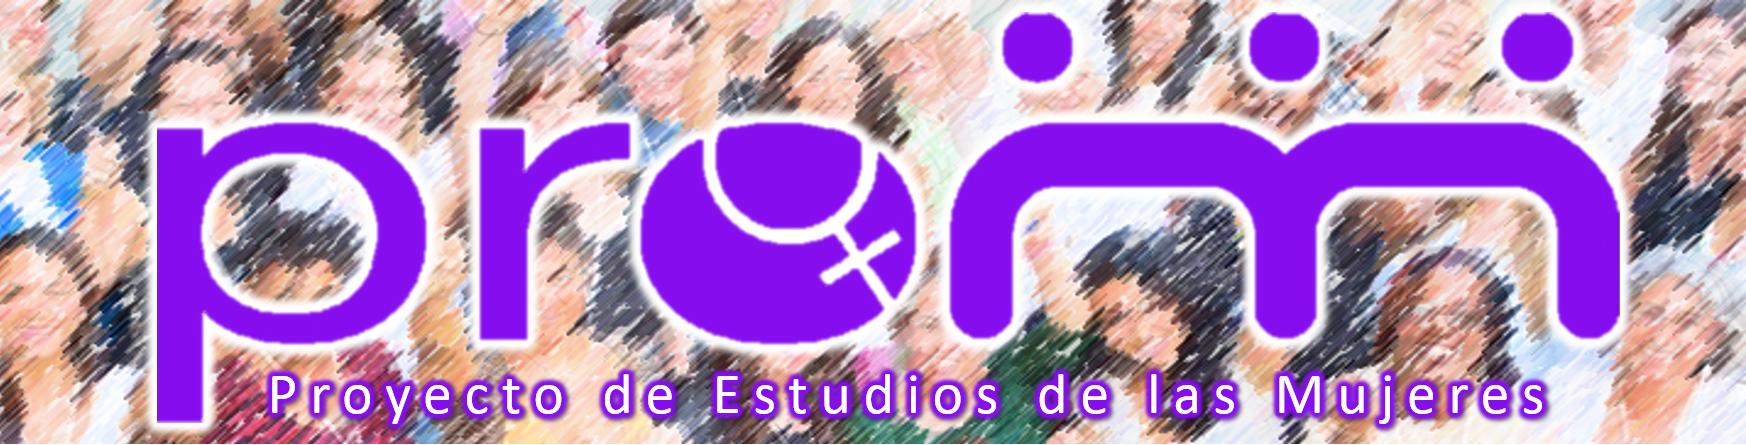 Banner representativo al Proyecto de Estudios de las Mujeres